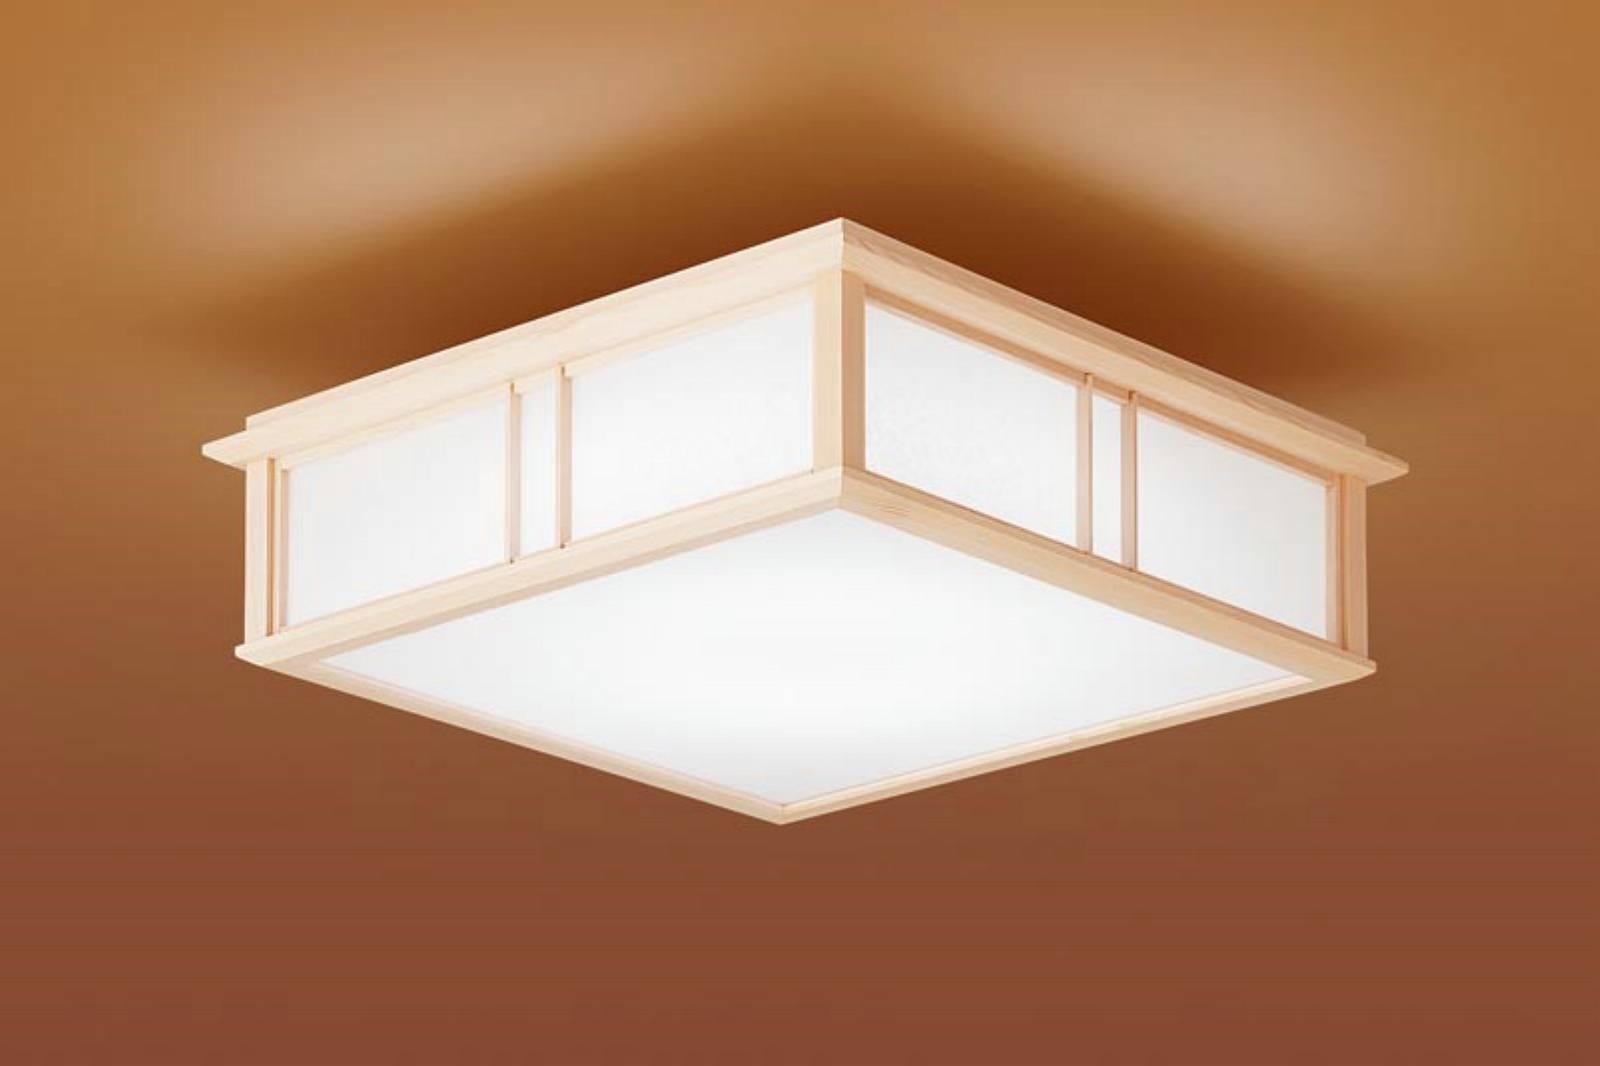 T区分 パナソニック LGB53005LE1 シーリングライト 畳数設定無し LED【setsuden_led】